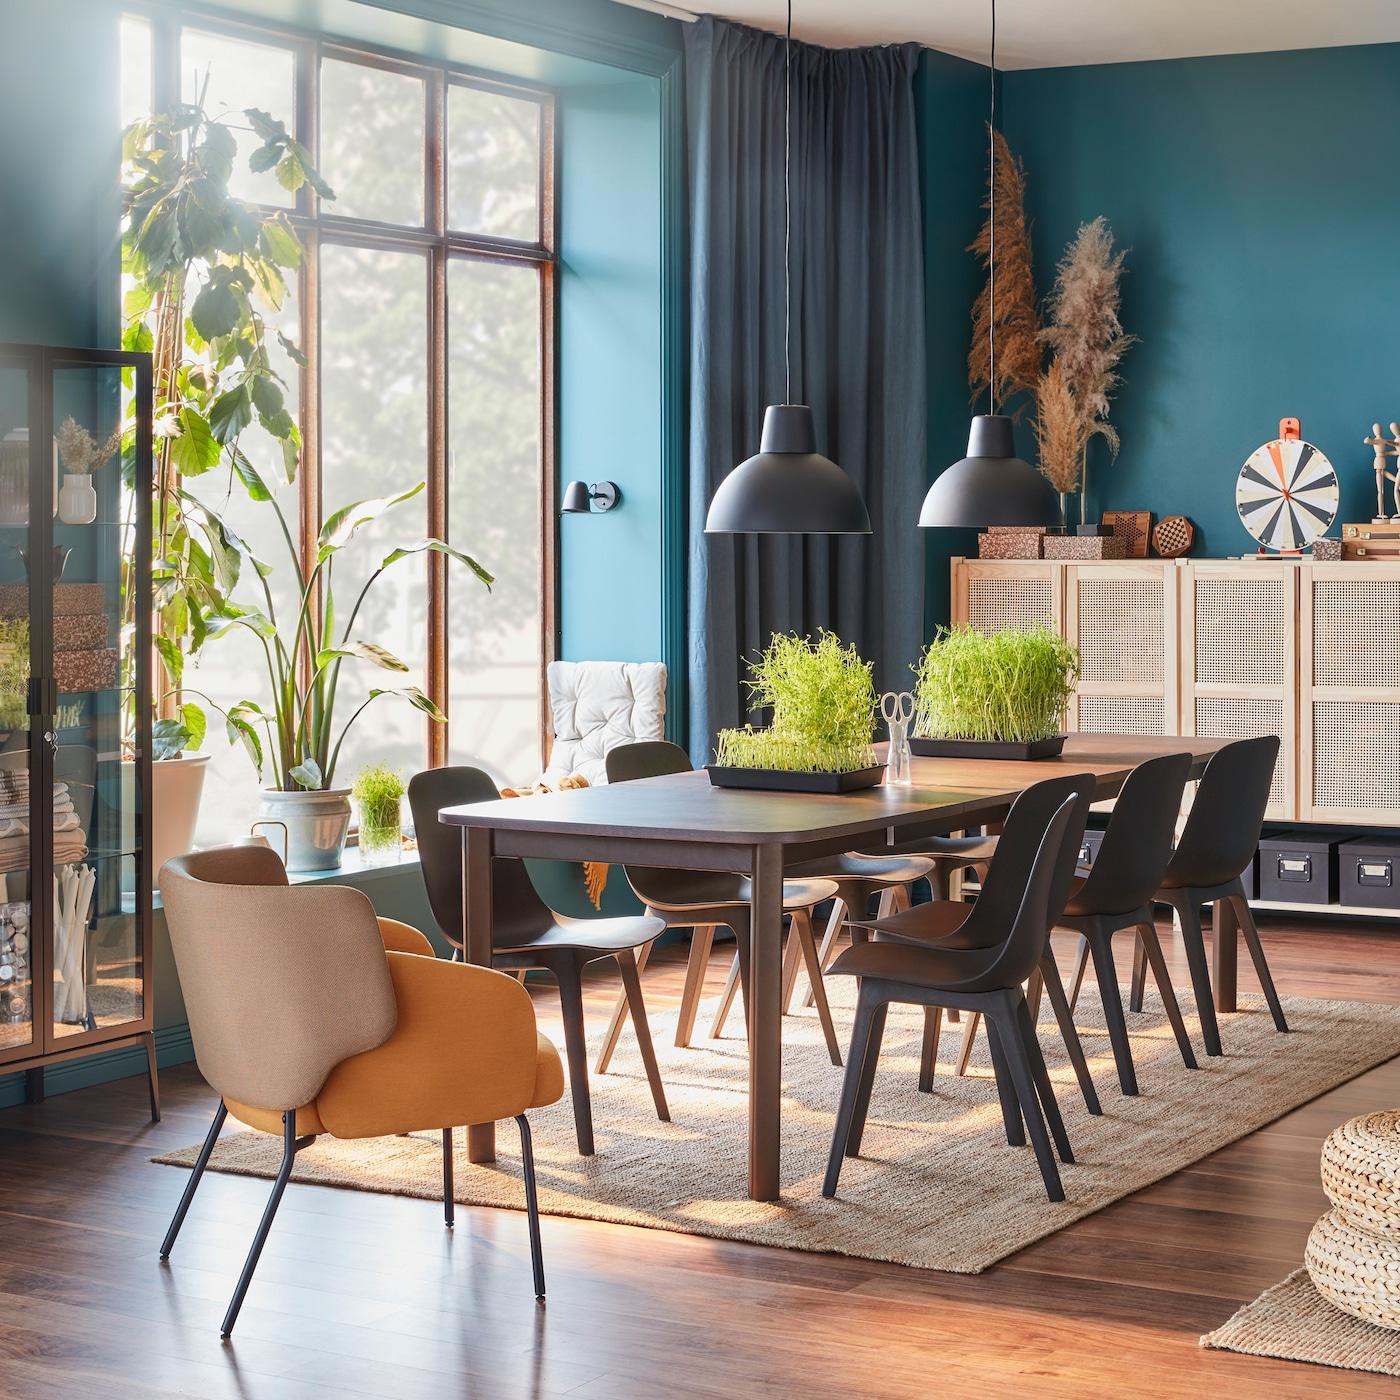 Jadalnia z dużym, ciemnobrązowym stołem, ośmioma antracytowymi krzesłami, żółtym fotelem i szafkami z bambusowymi drzwiami.